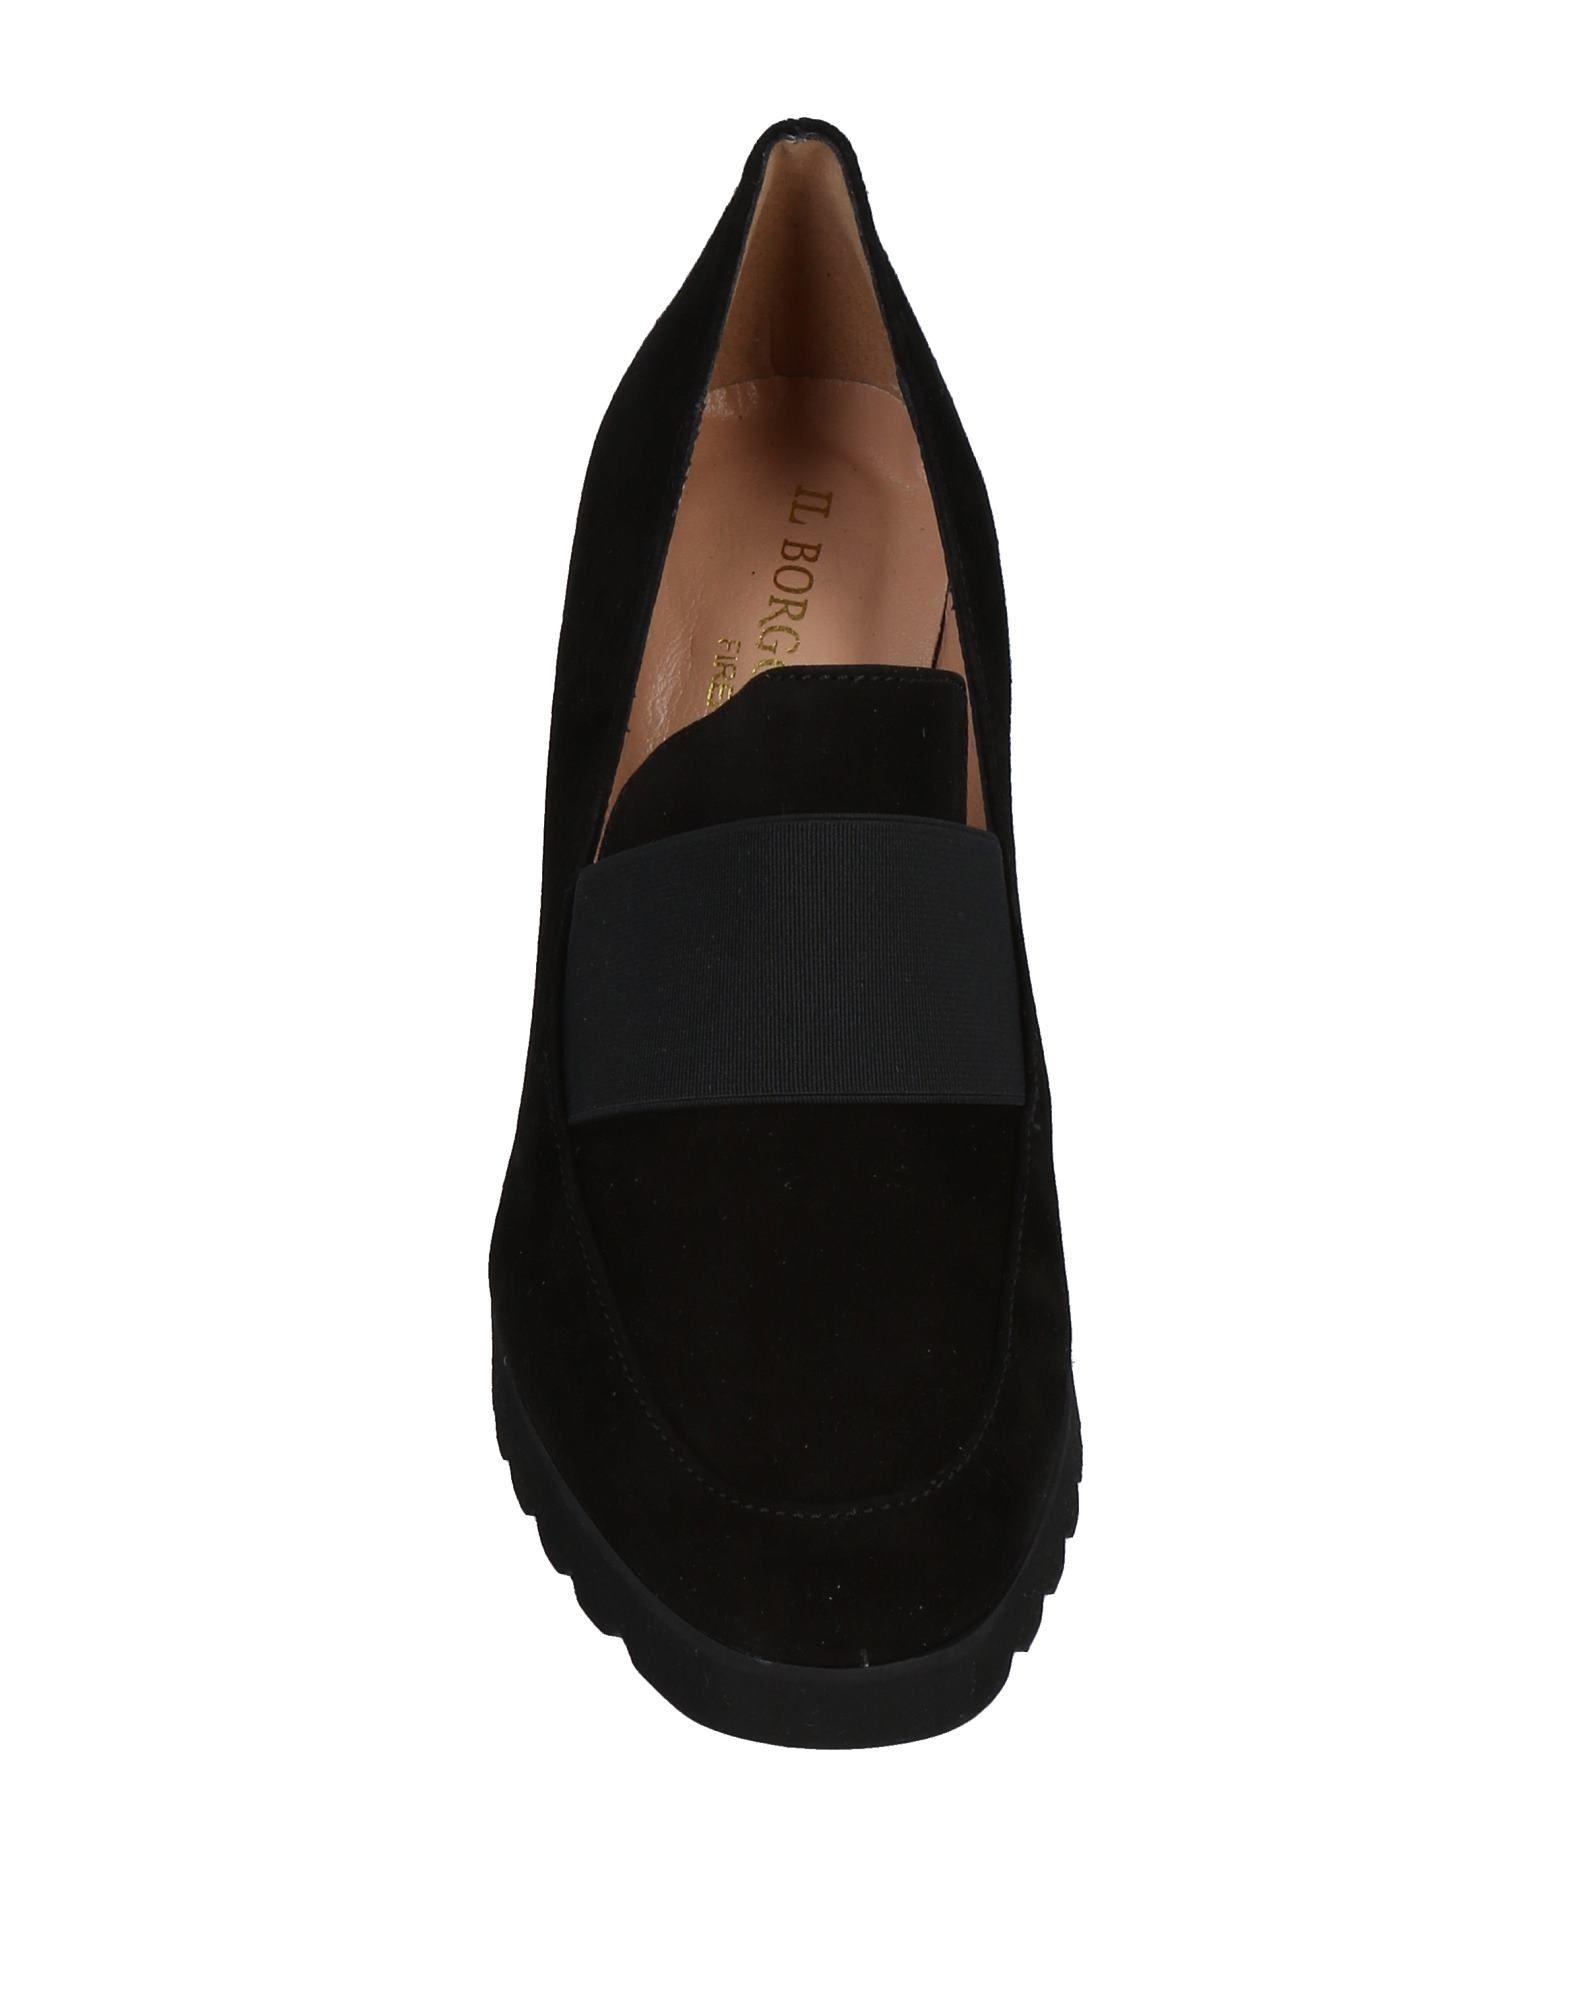 Il Borgo Firenze Mokassins beliebte Damen  11491409WT Gute Qualität beliebte Mokassins Schuhe e13eed